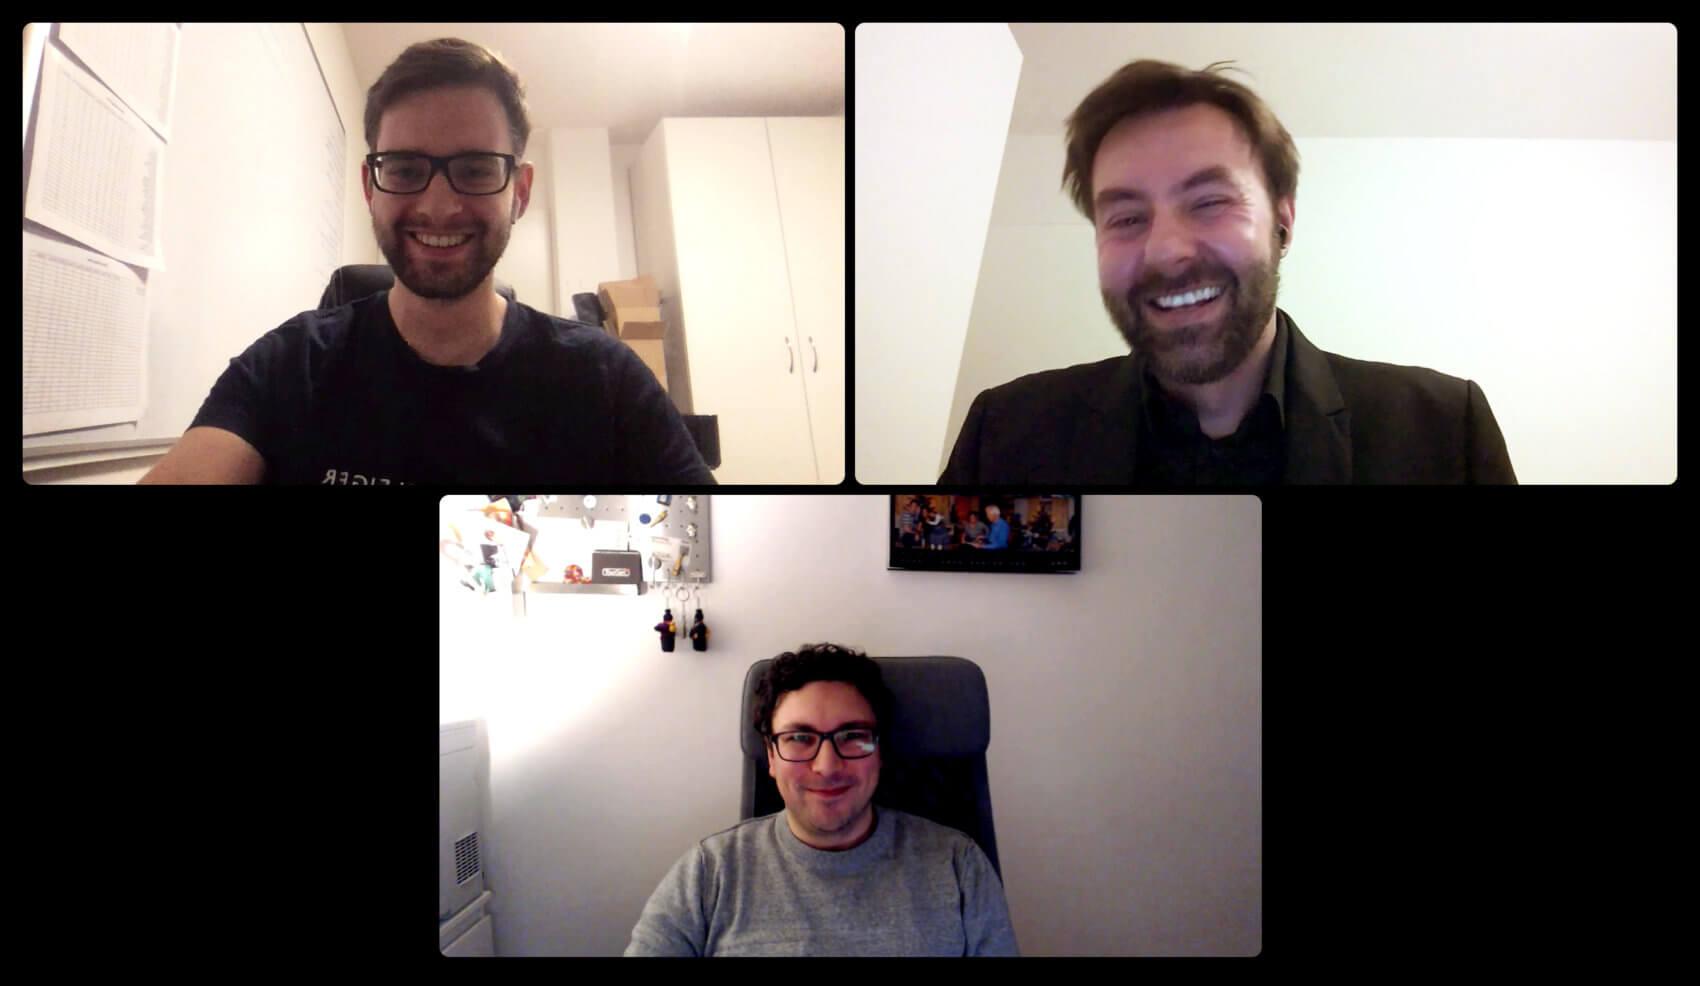 Drei Männer haben eine Onlinekonferenz.